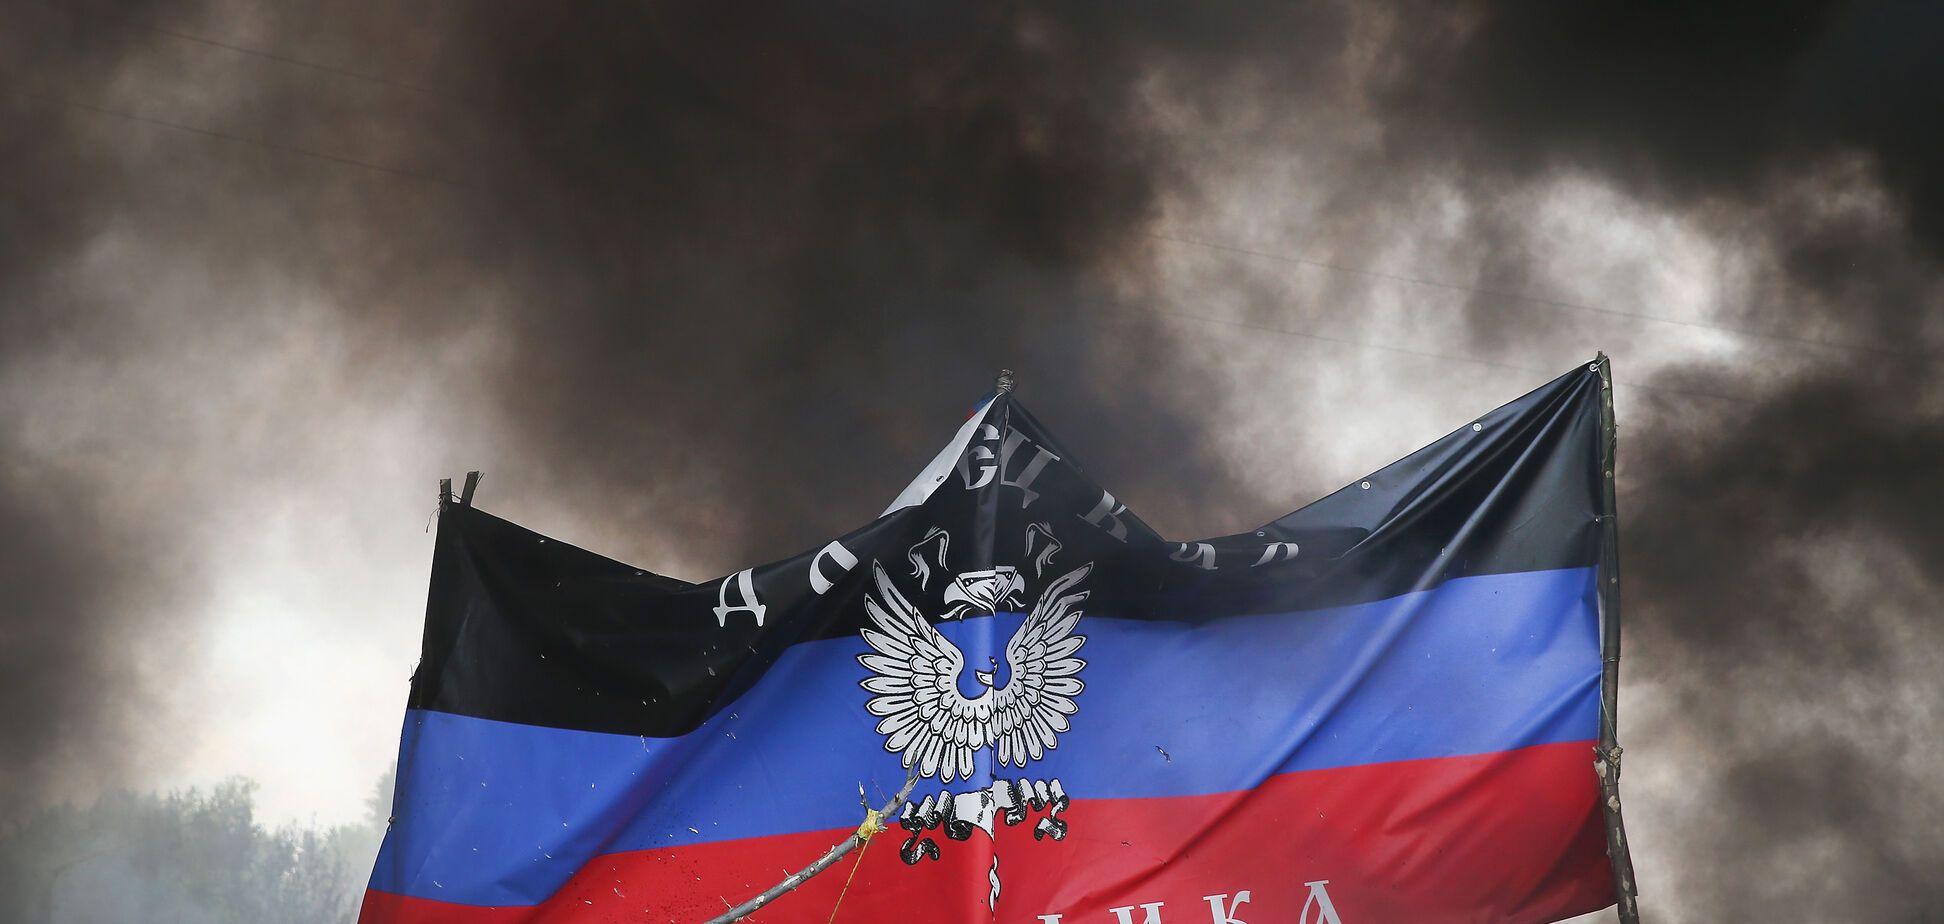 'Новий вантаж 200': в мережі розповіли про ліквідацію терориста 'Л/ДНР'